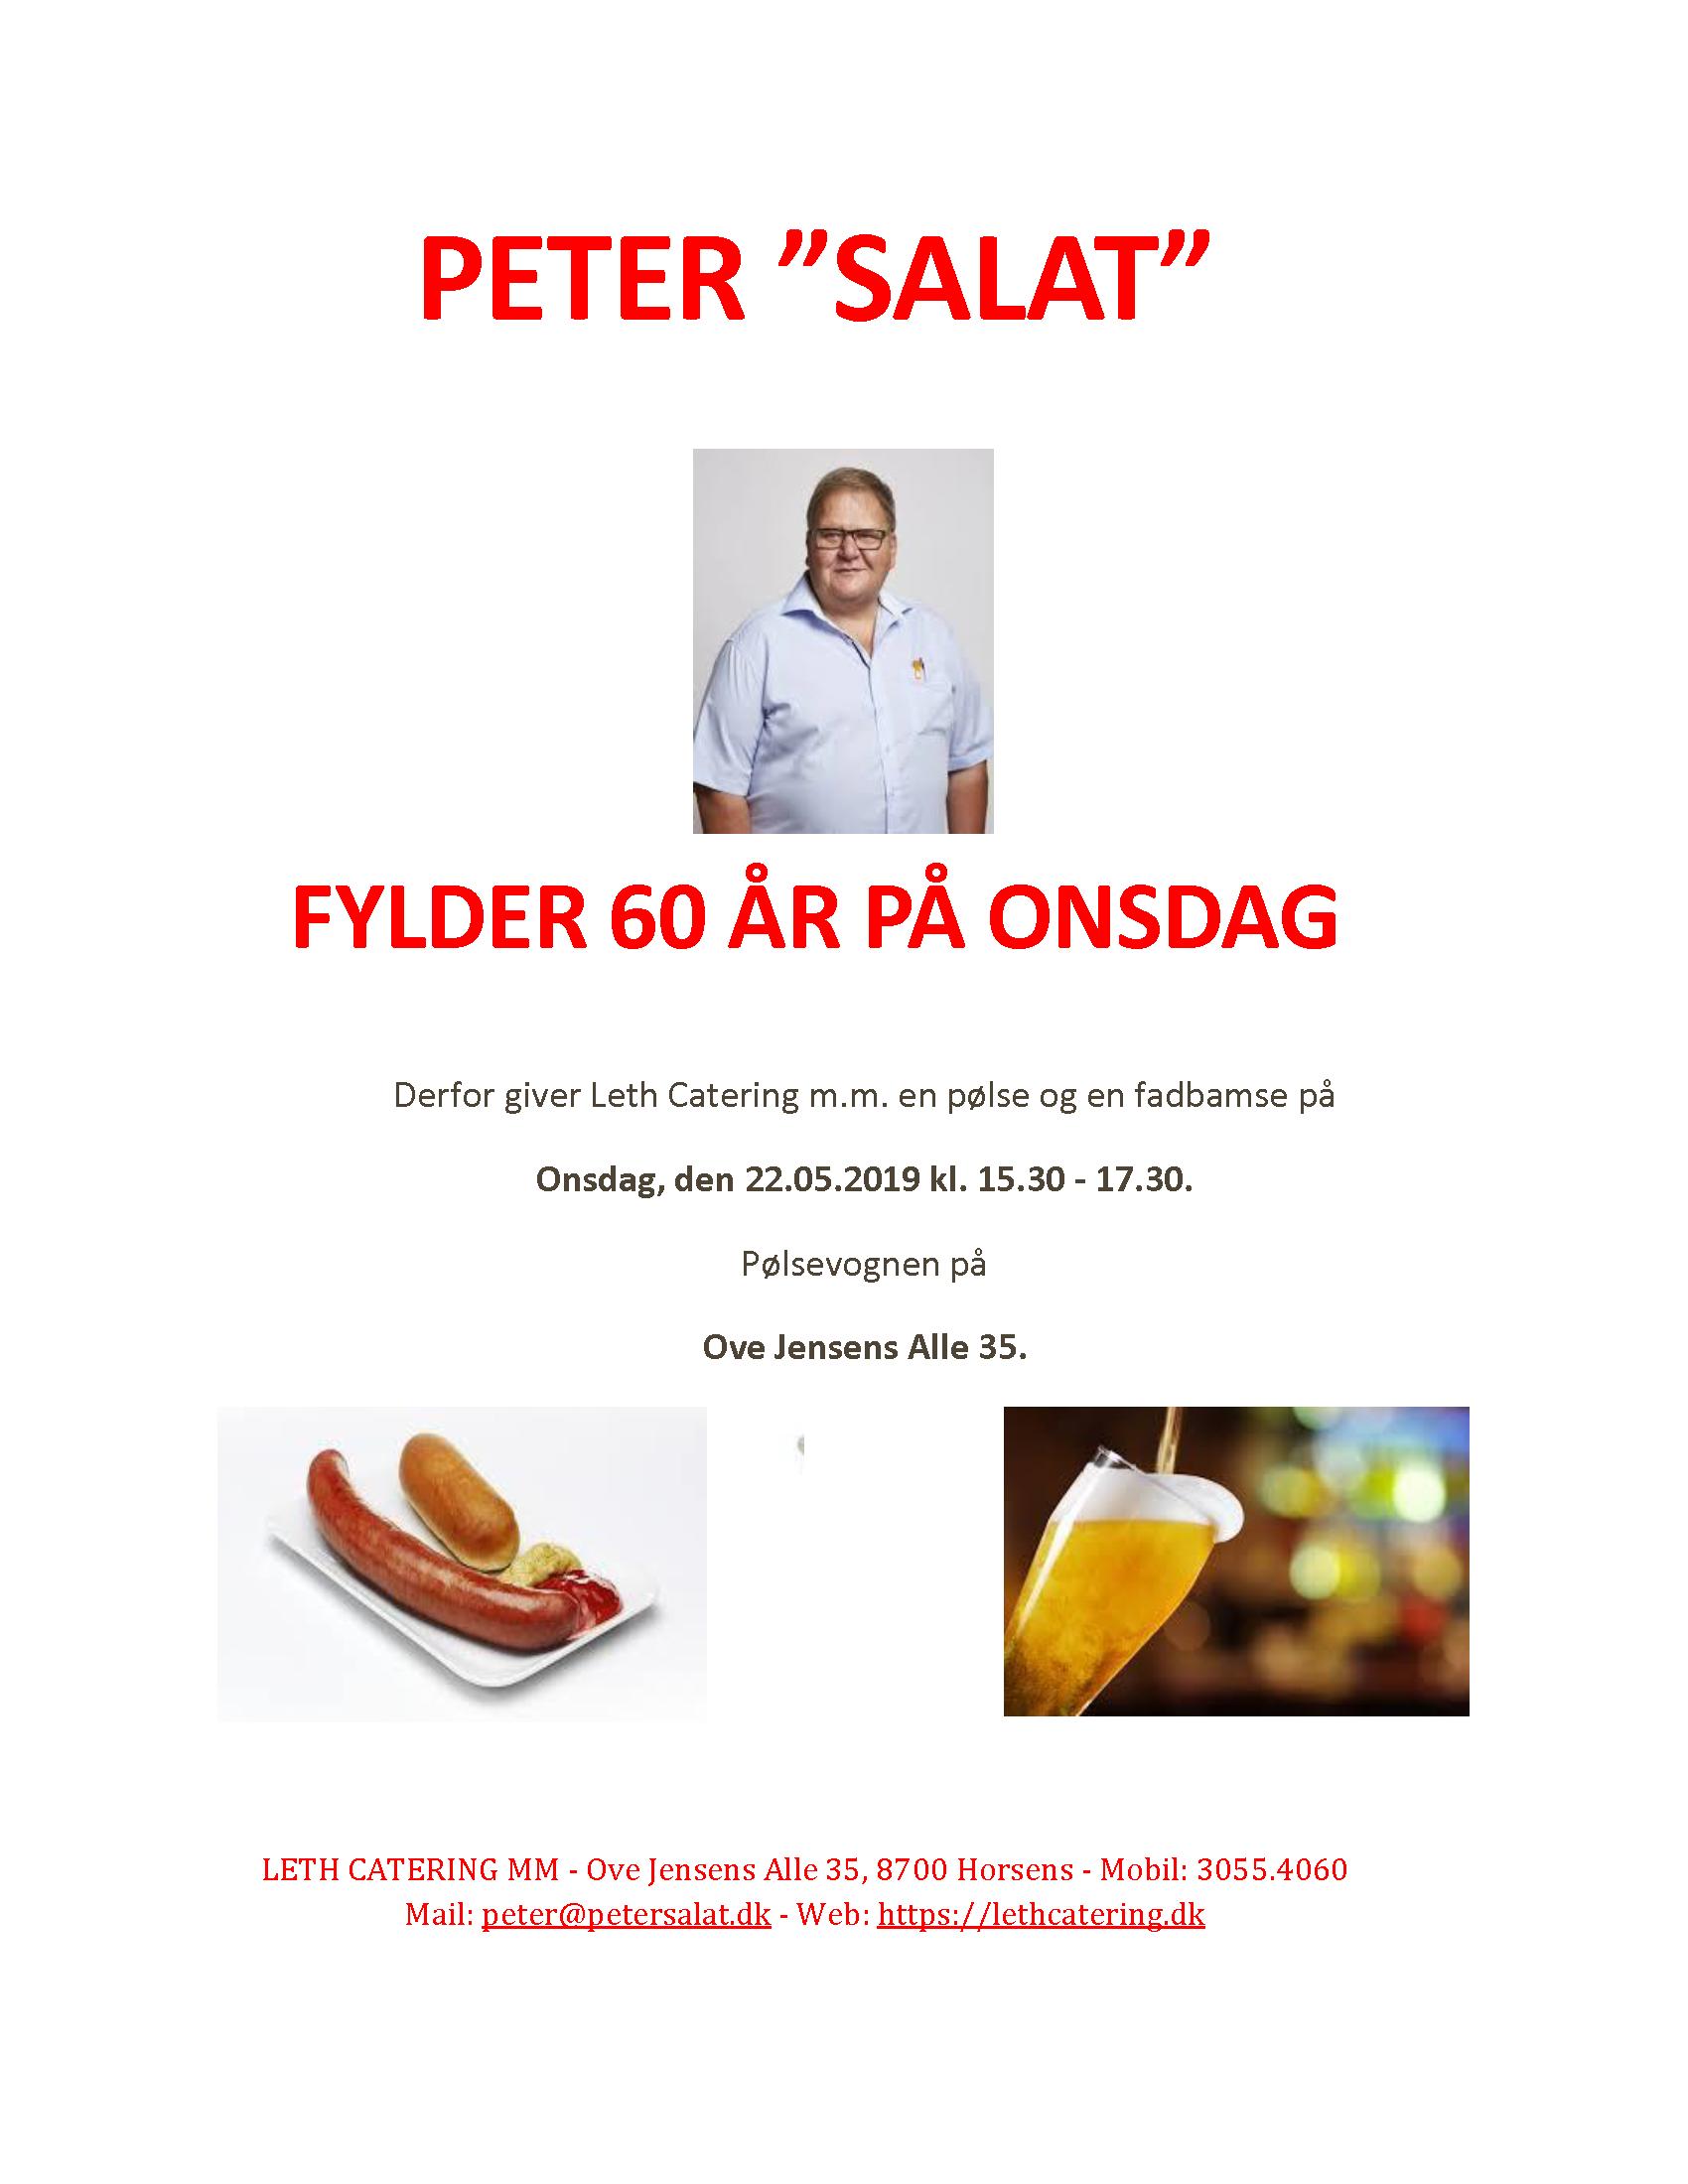 Peter salat 60 år - pølsevogn